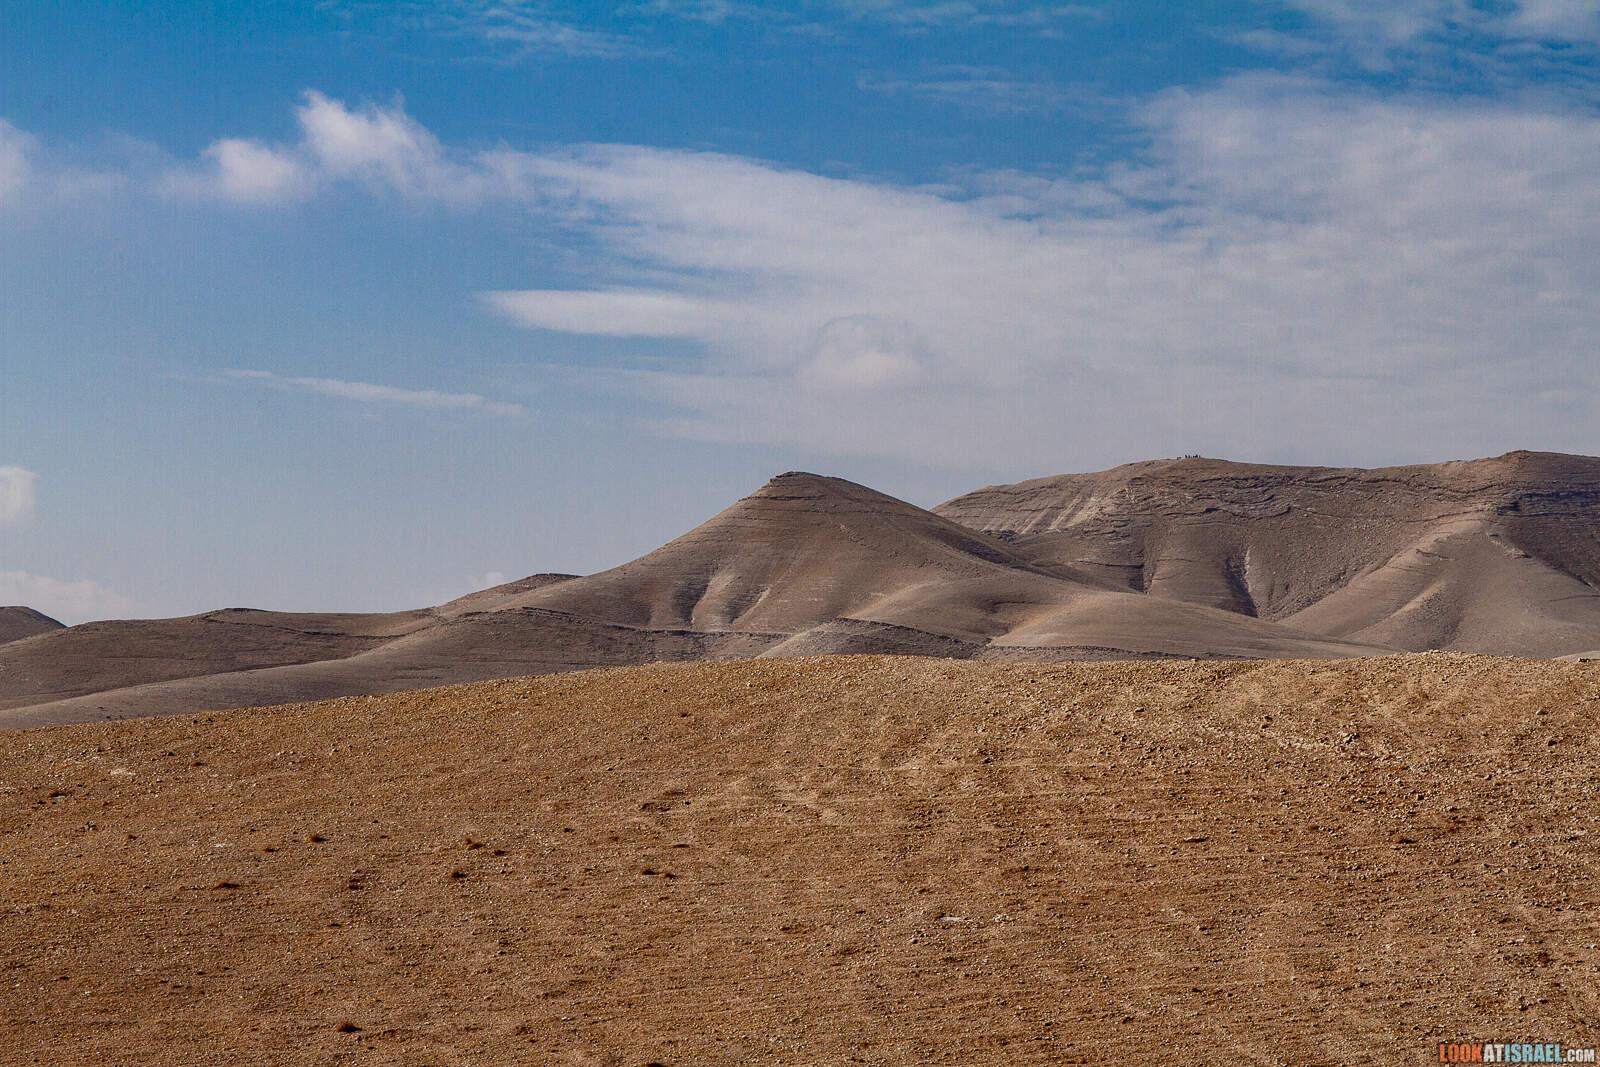 Мацок а-Этаким - от Маале Адумим до Мецукей Драгот | LookAtIsrael.com - Фото путешествия по Израилю